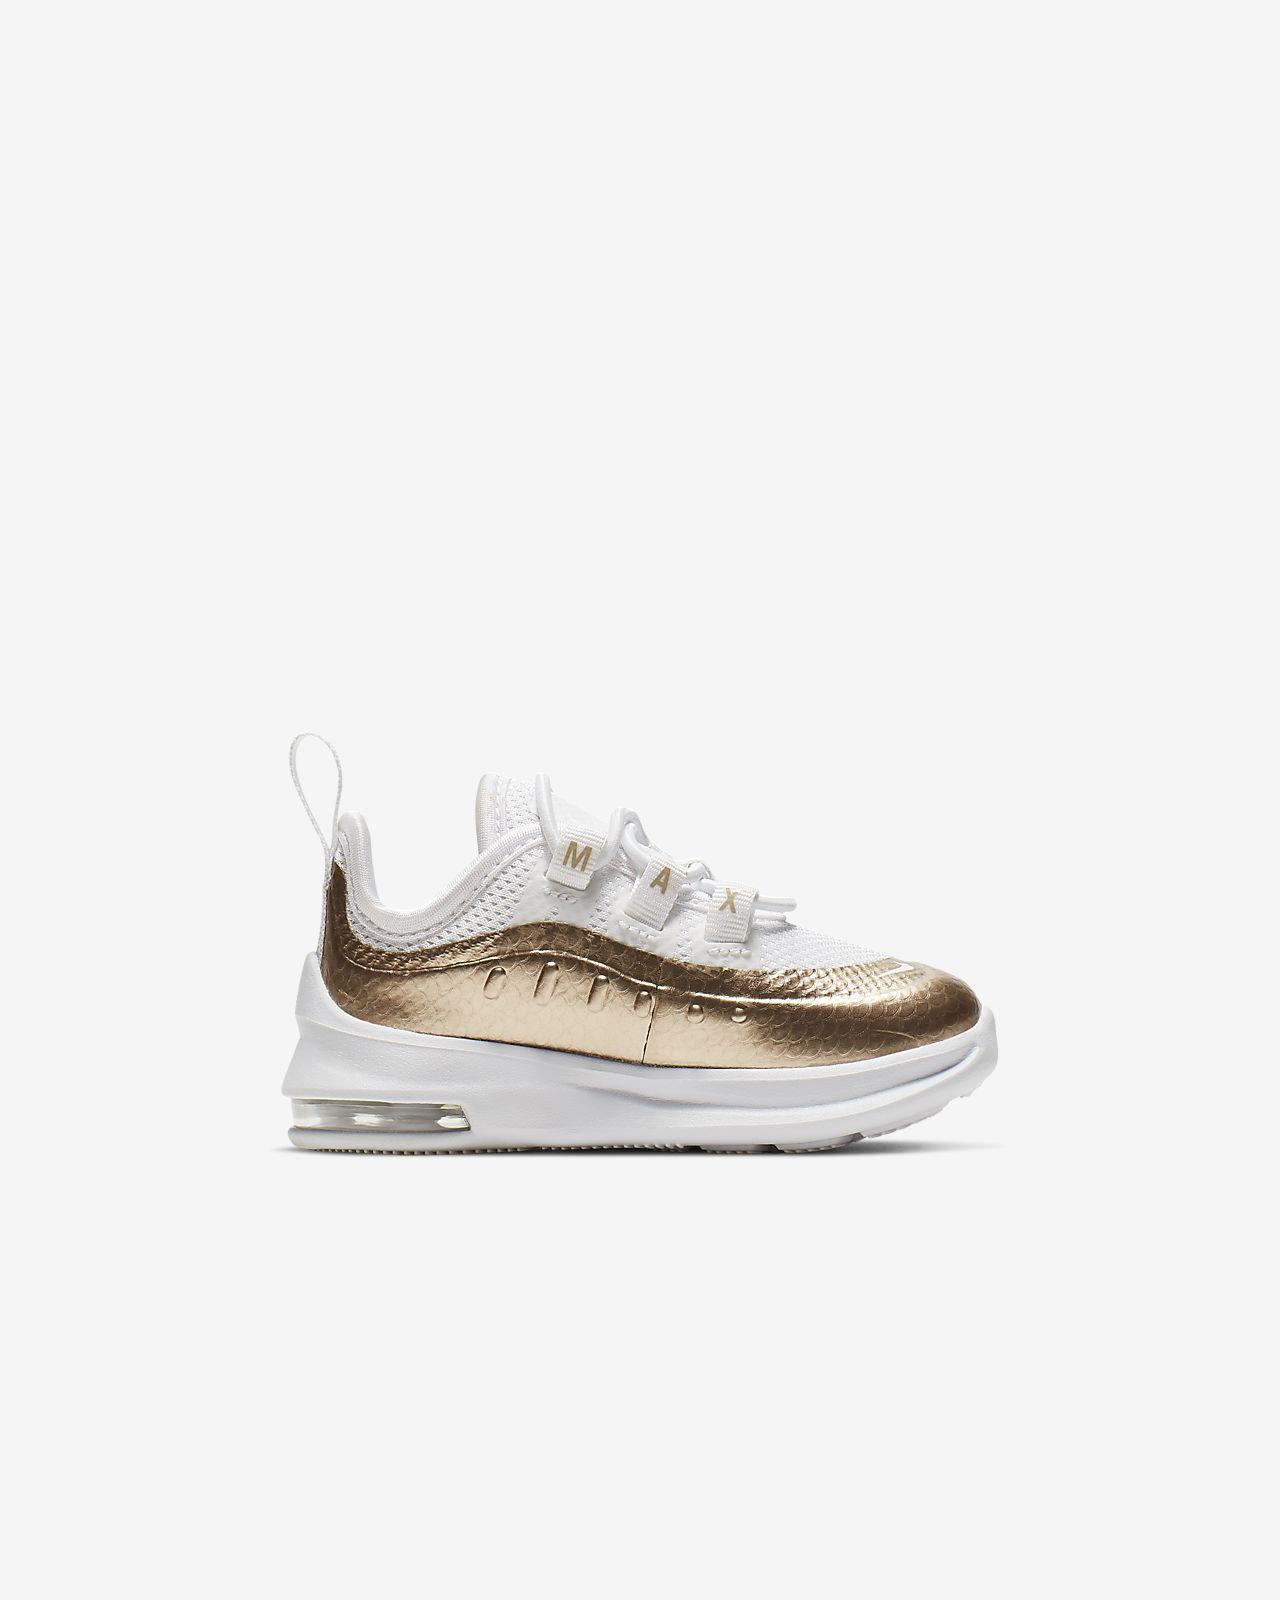 new arrival dff14 49a79 ... Chaussure Nike Air Max Axis EP pour Bébé Petit enfant